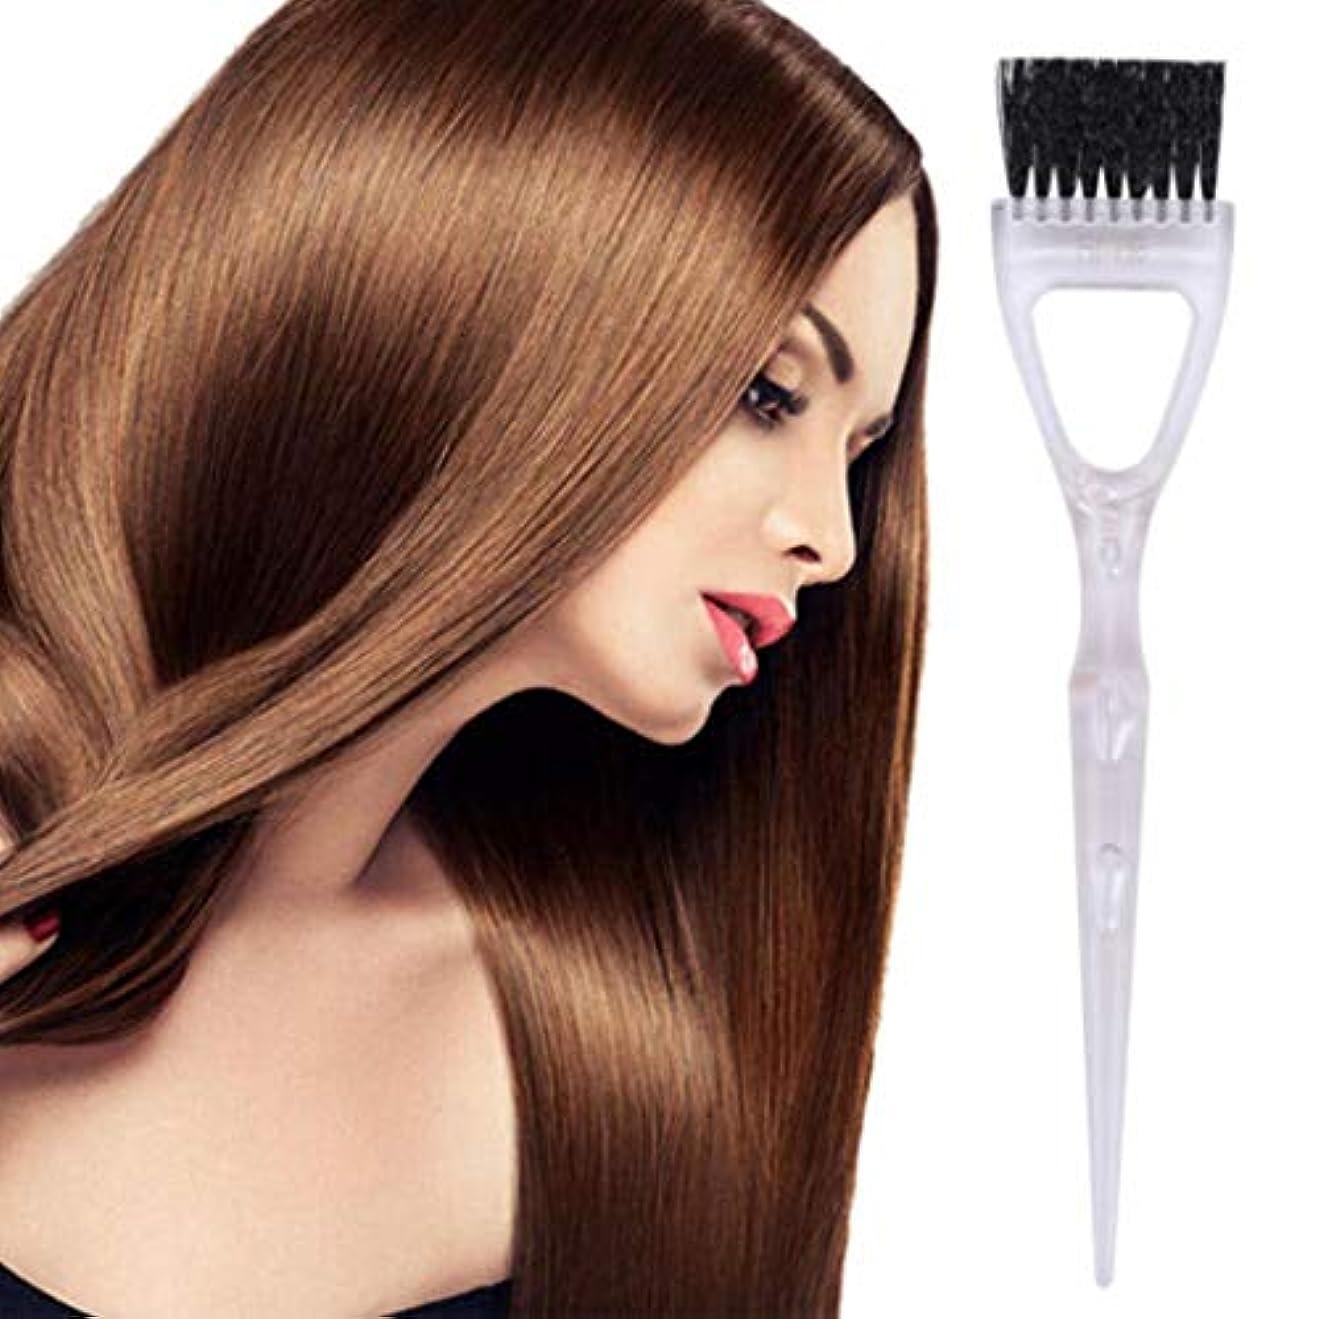 抵抗力がある落花生チャネル染毛ブラシヘアブラシサロンコームヘアカラーブラシ染めトーンツールキット、カラーケアの染毛ケラチン